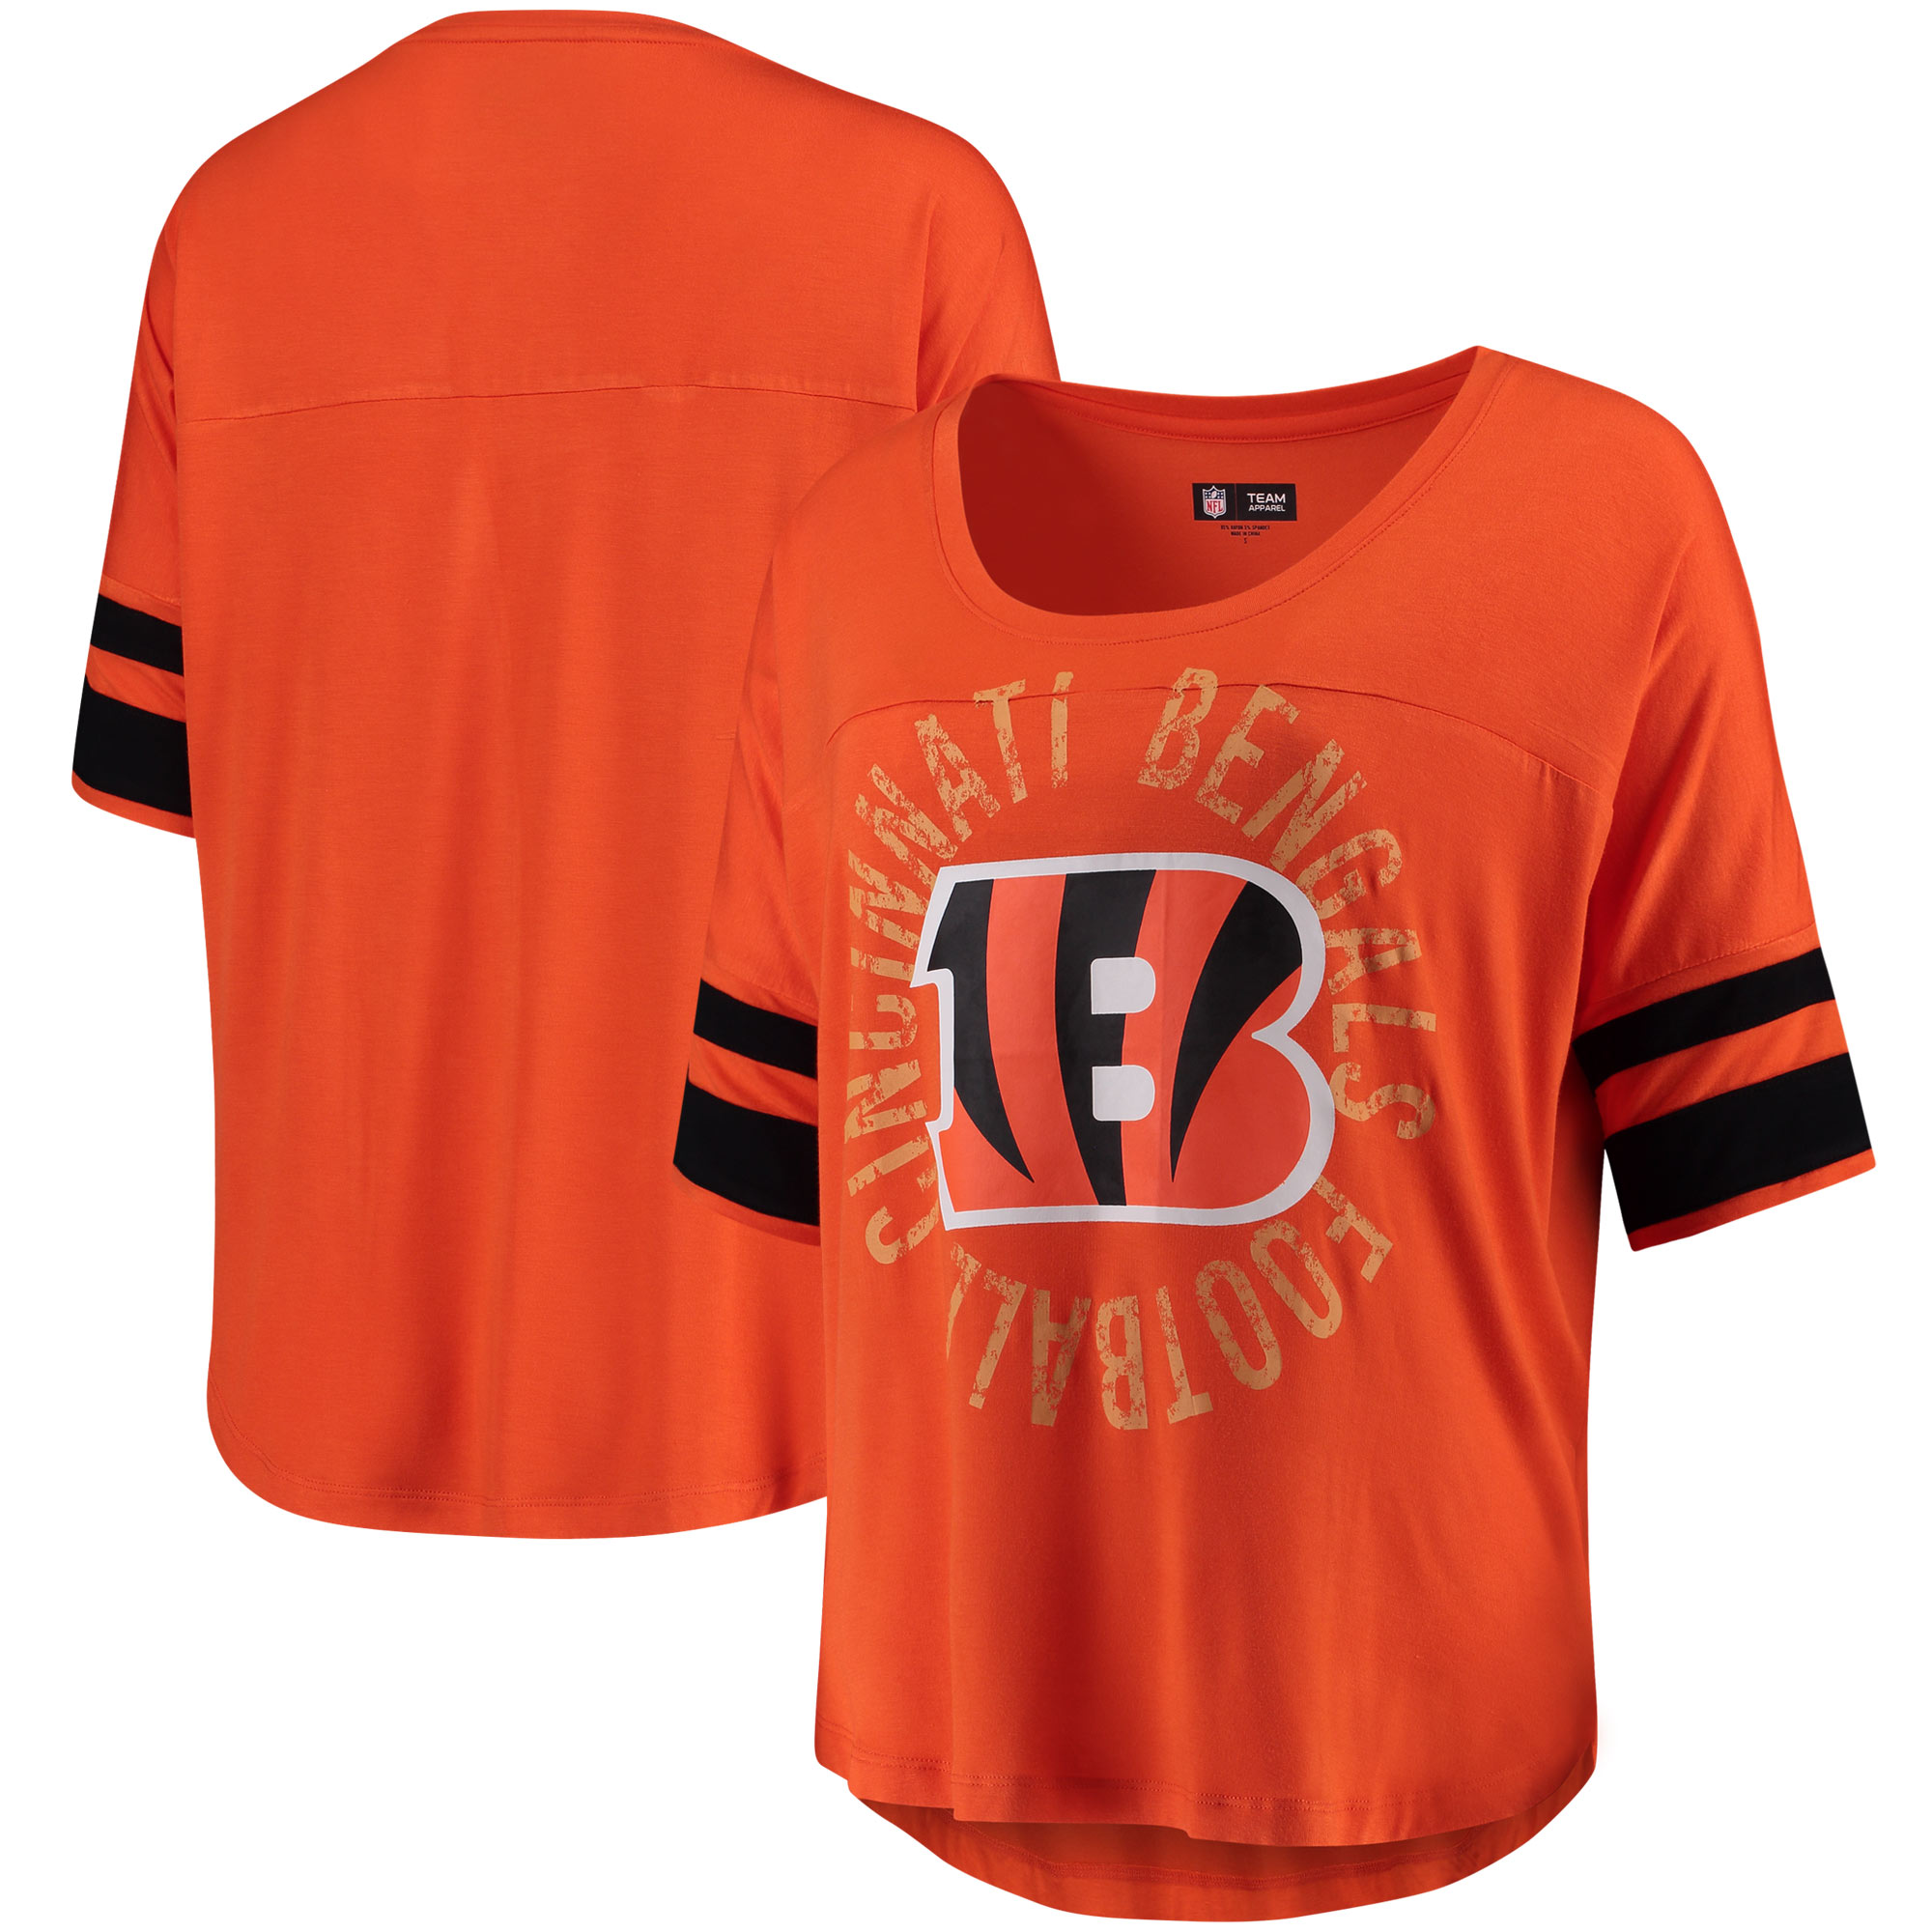 Cincinnati Bengals 5th & Ocean by New Era Women's Novelty Dolman Sleeve Scoop Neck T-Shirt - Orange